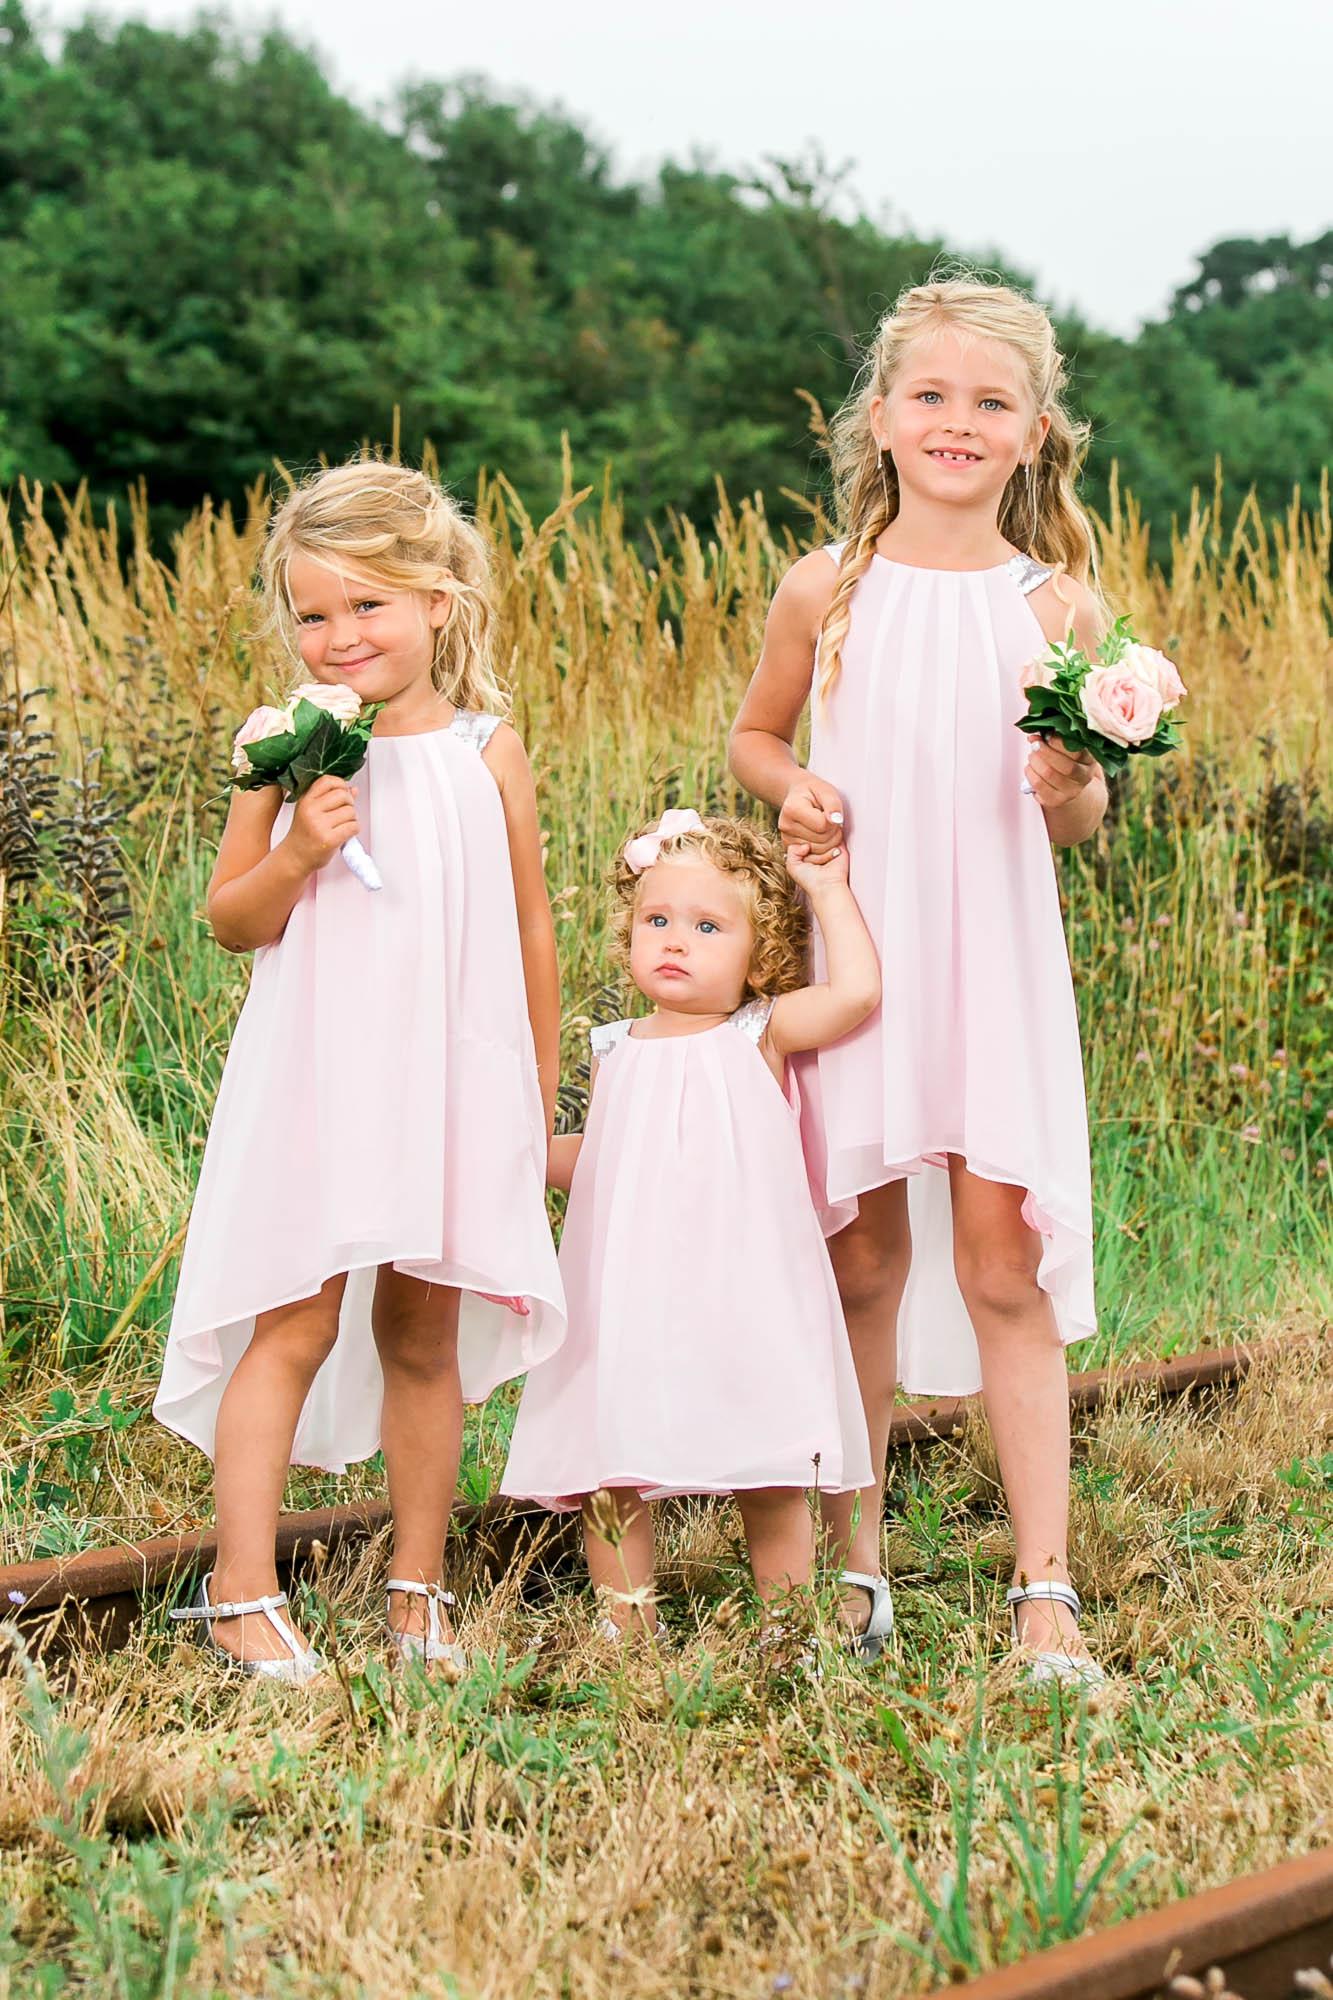 Brudepiger i flotte kjoler